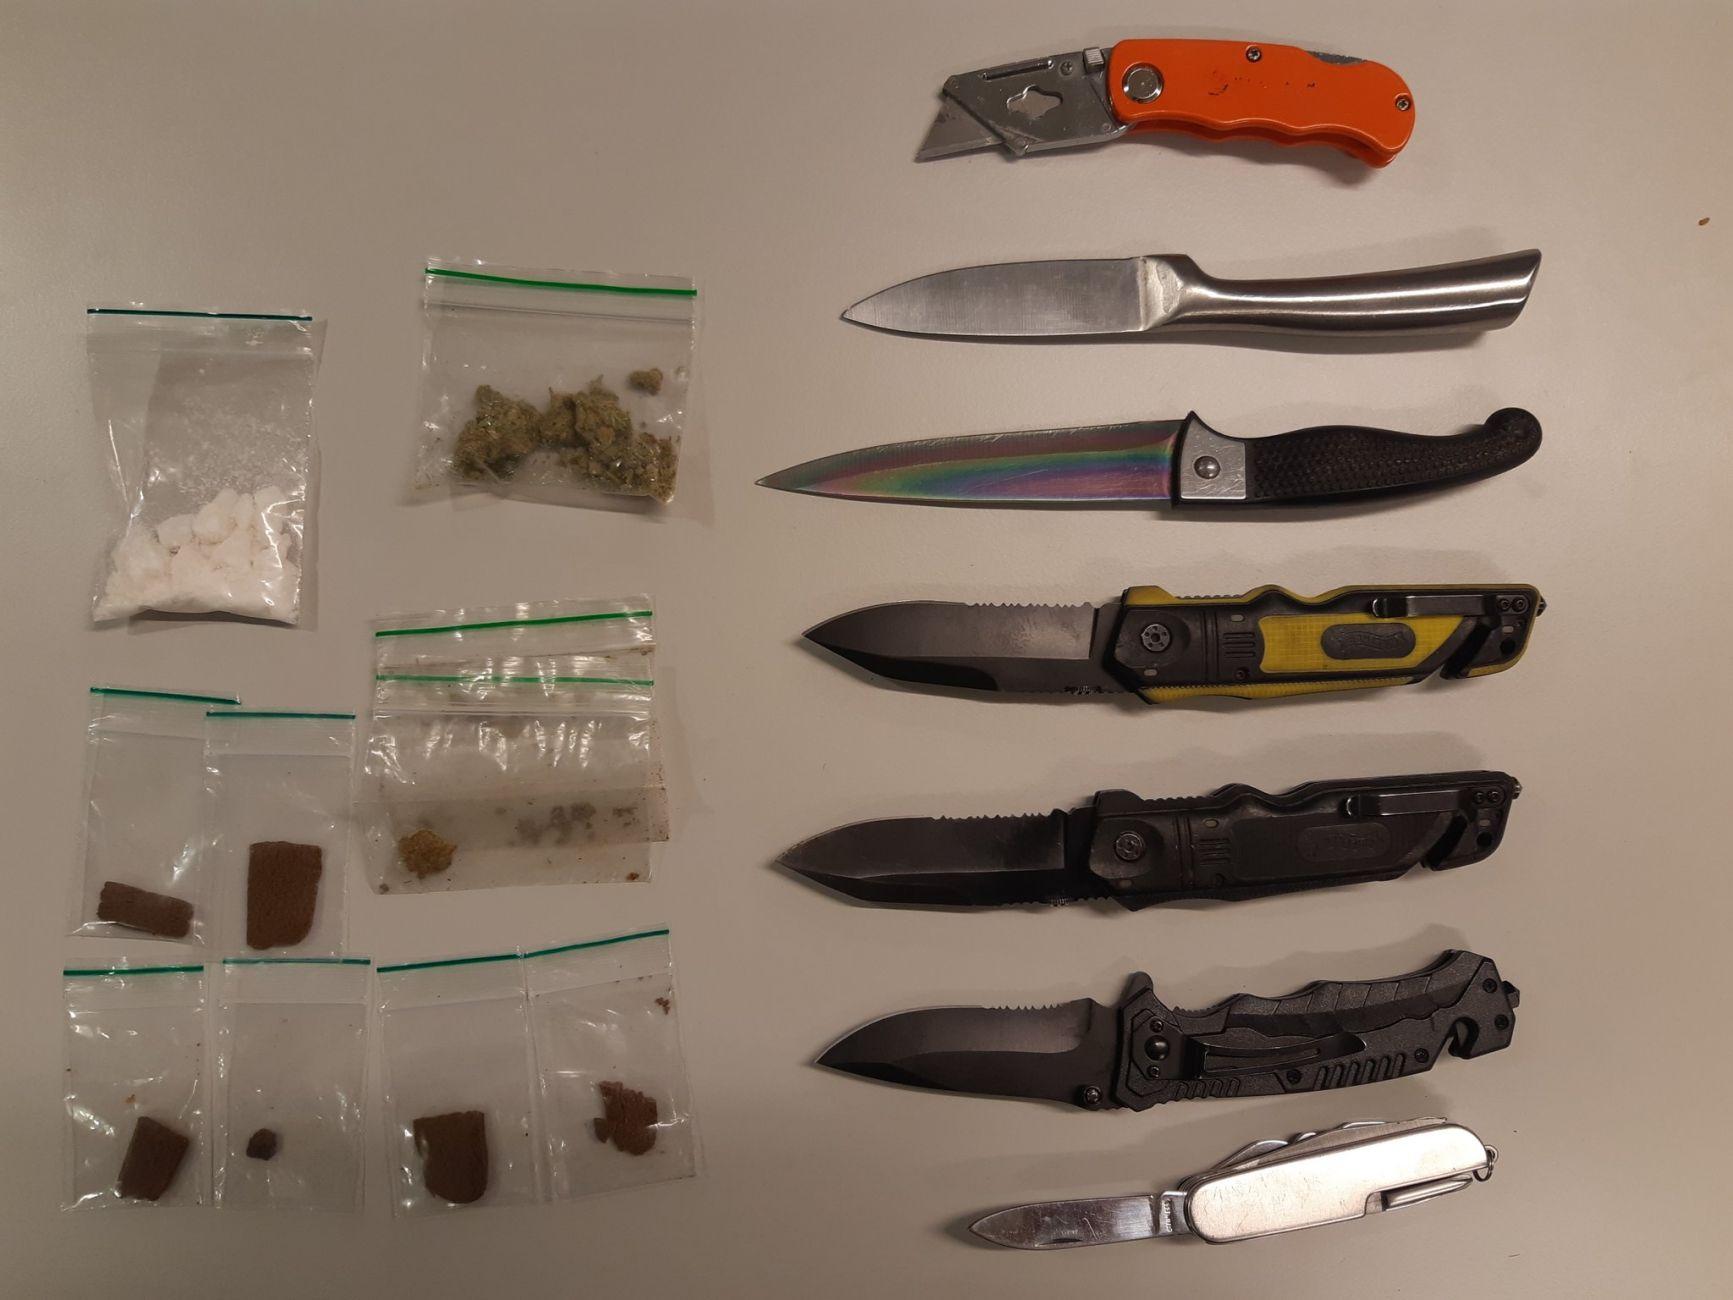 Messen en drugs gevonden bij fouilleeractie politie